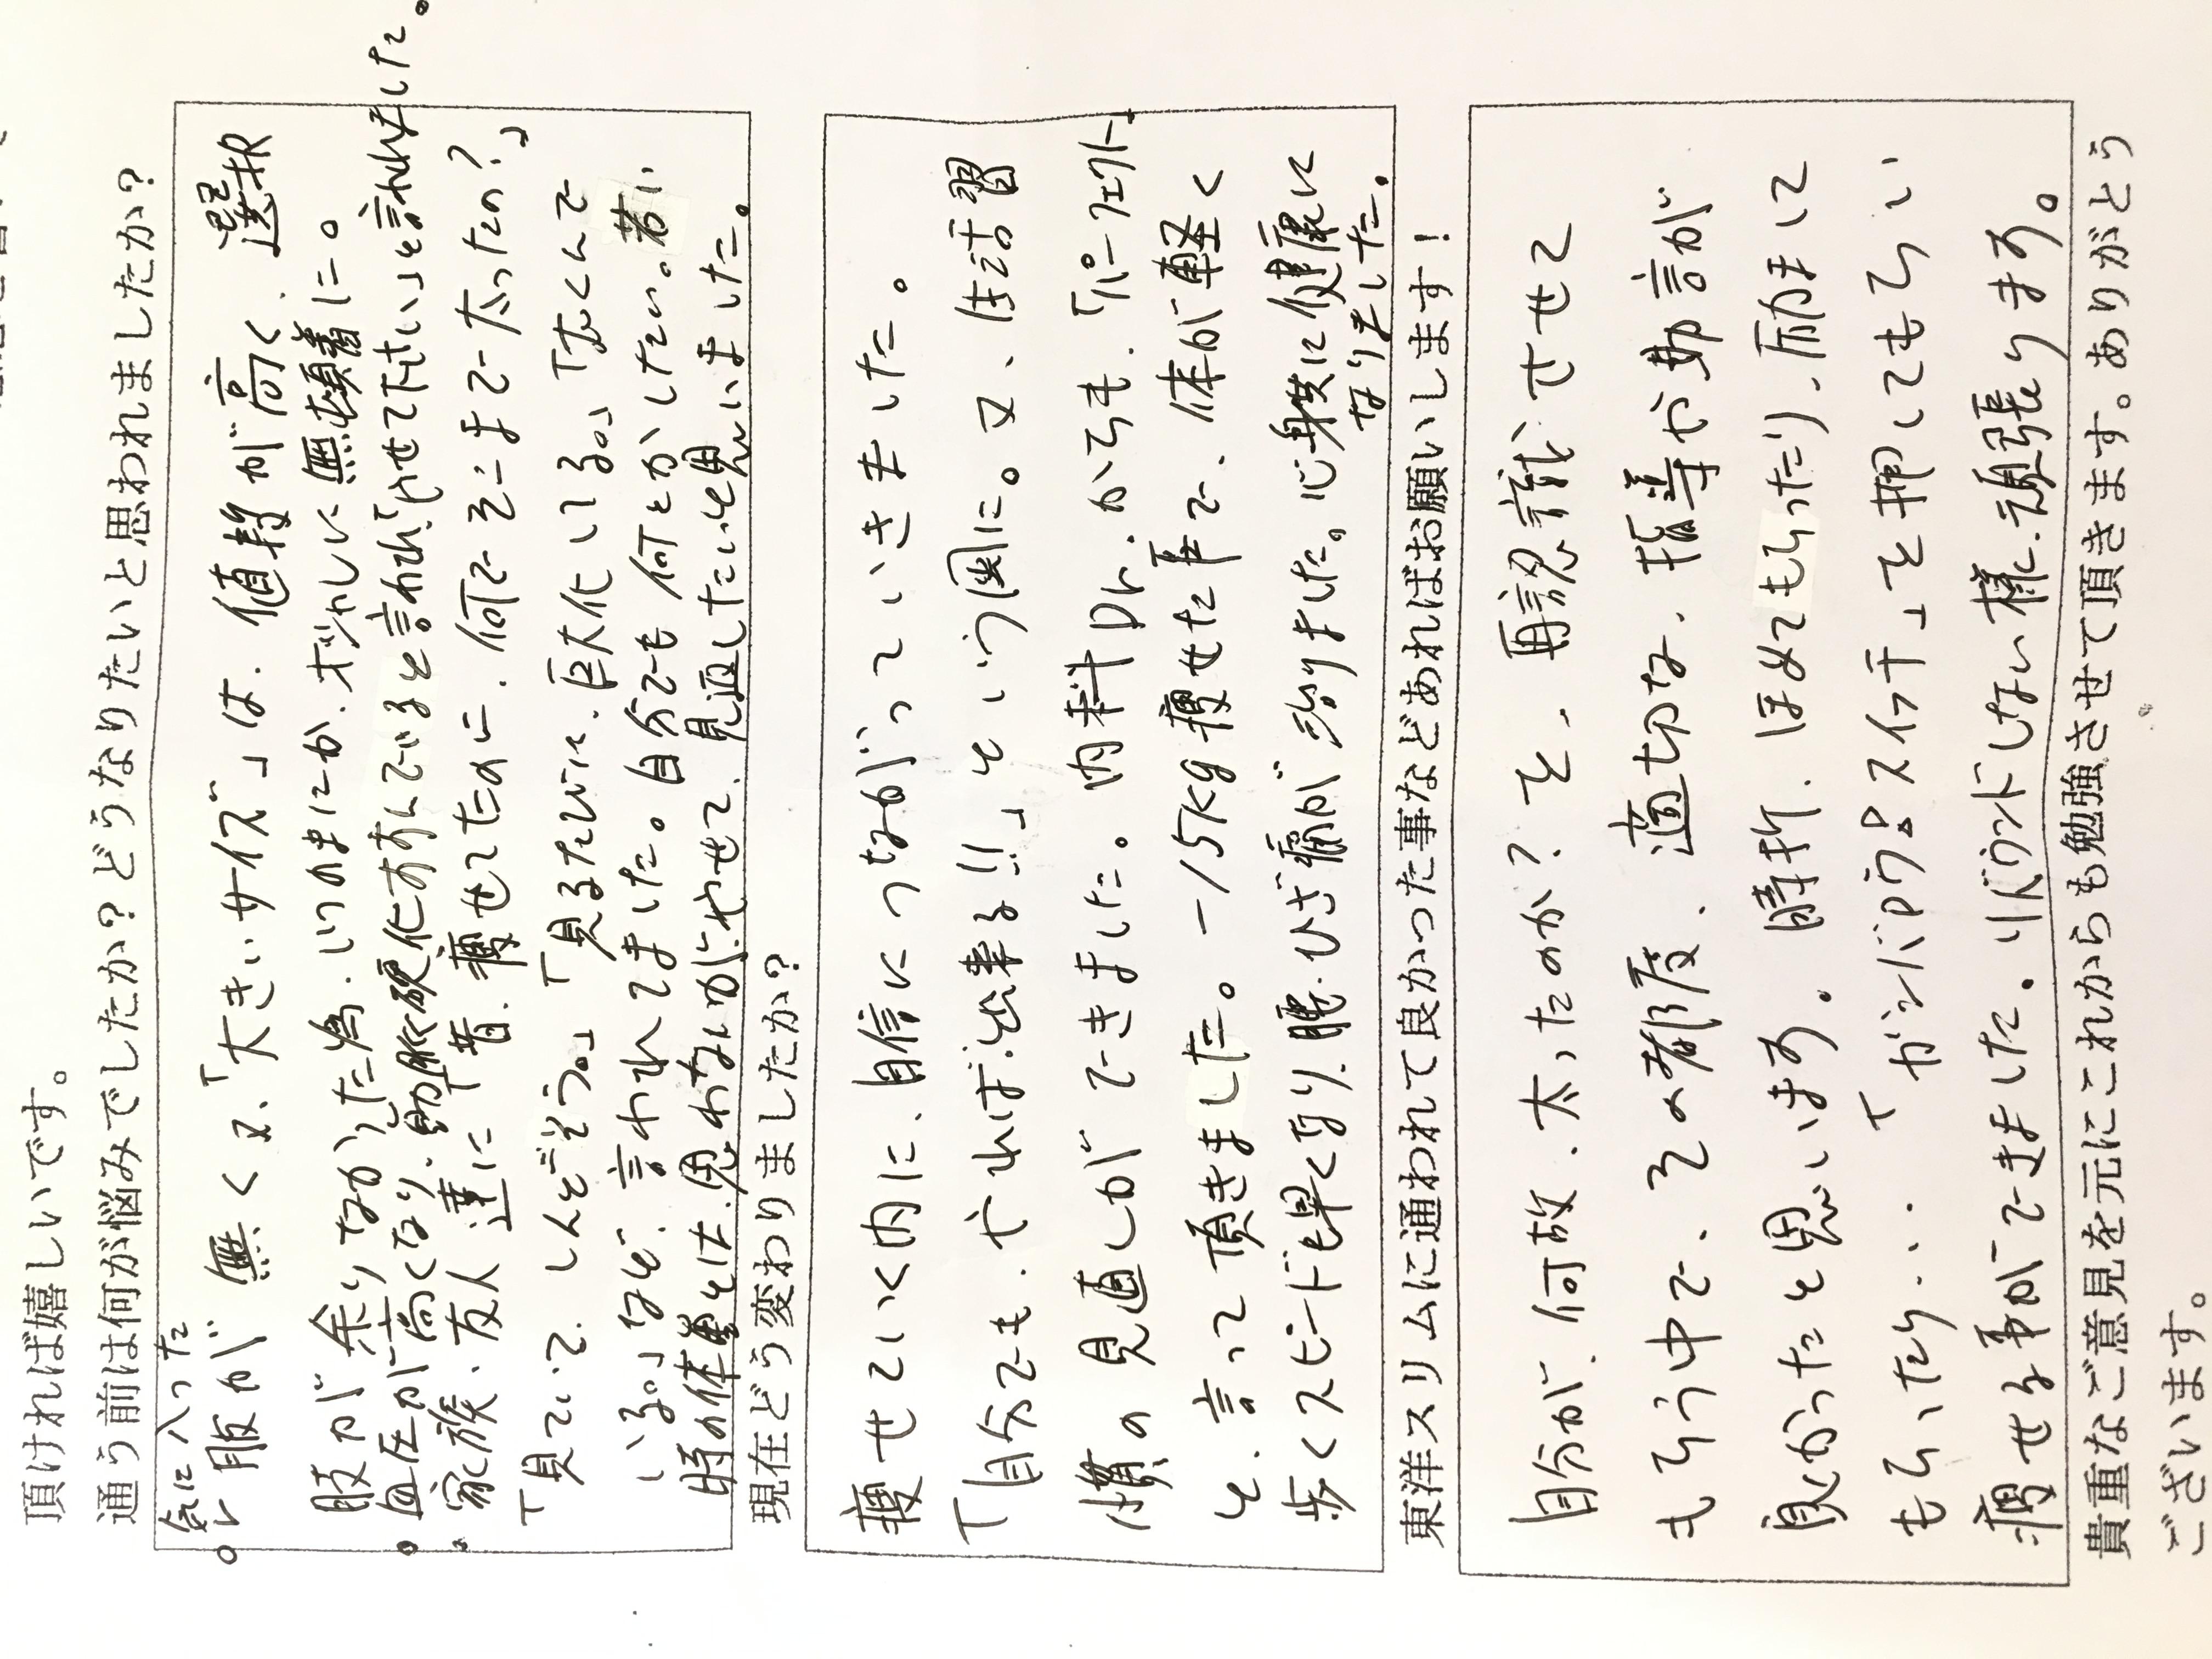 大阪市浪速区Iさん57才耳ツボ痩身法で16.5kgダイエット成功